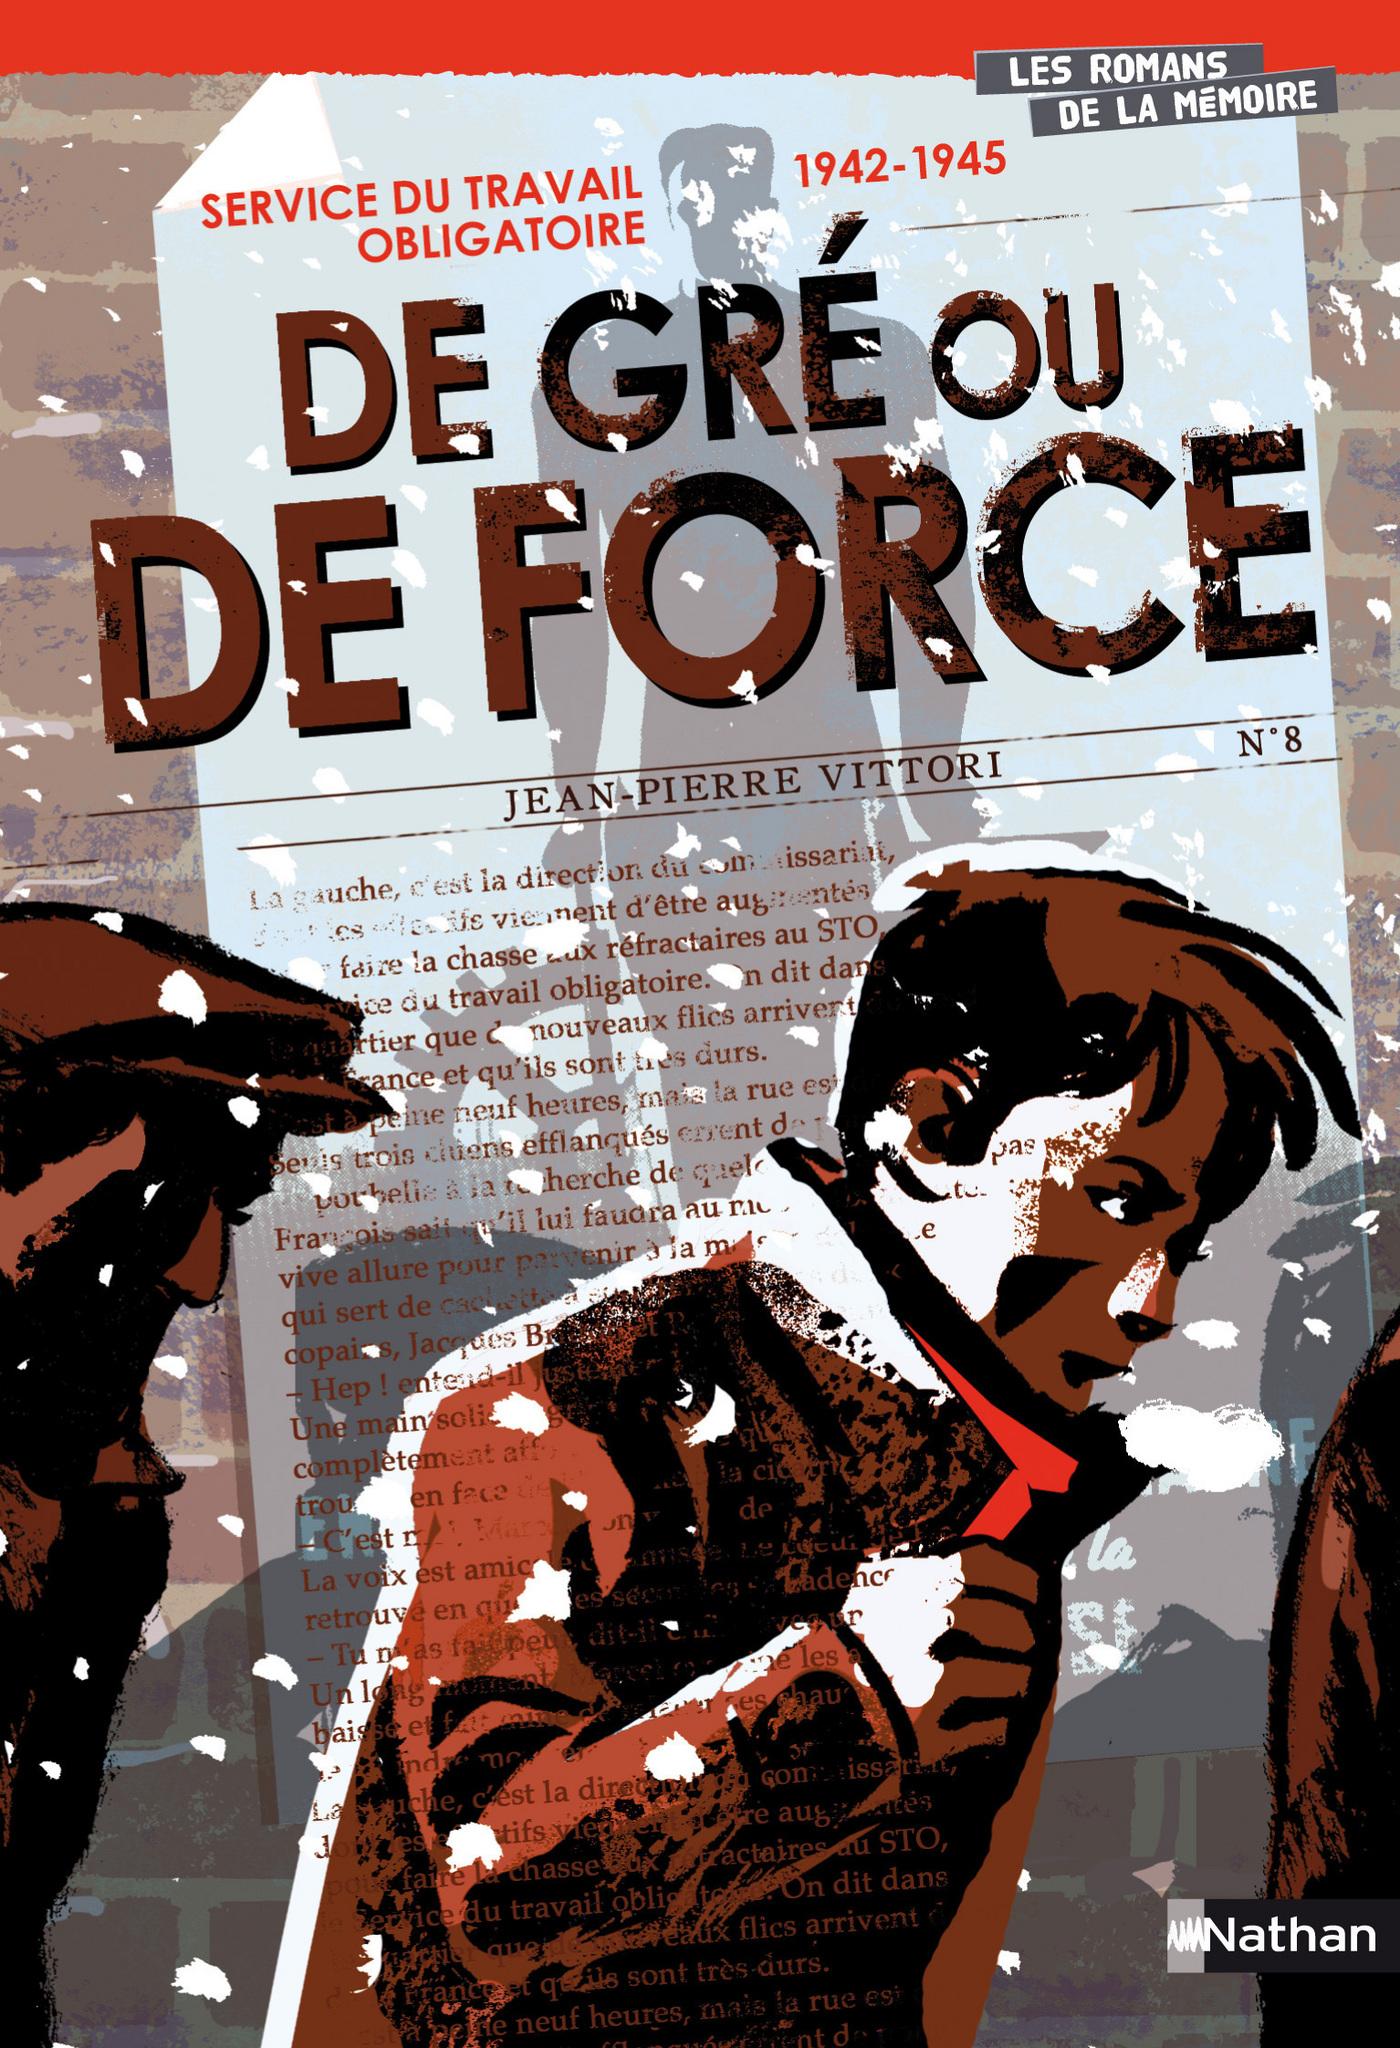 Service du Travail Obligatoire, 1942-1945 : De gré ou de force